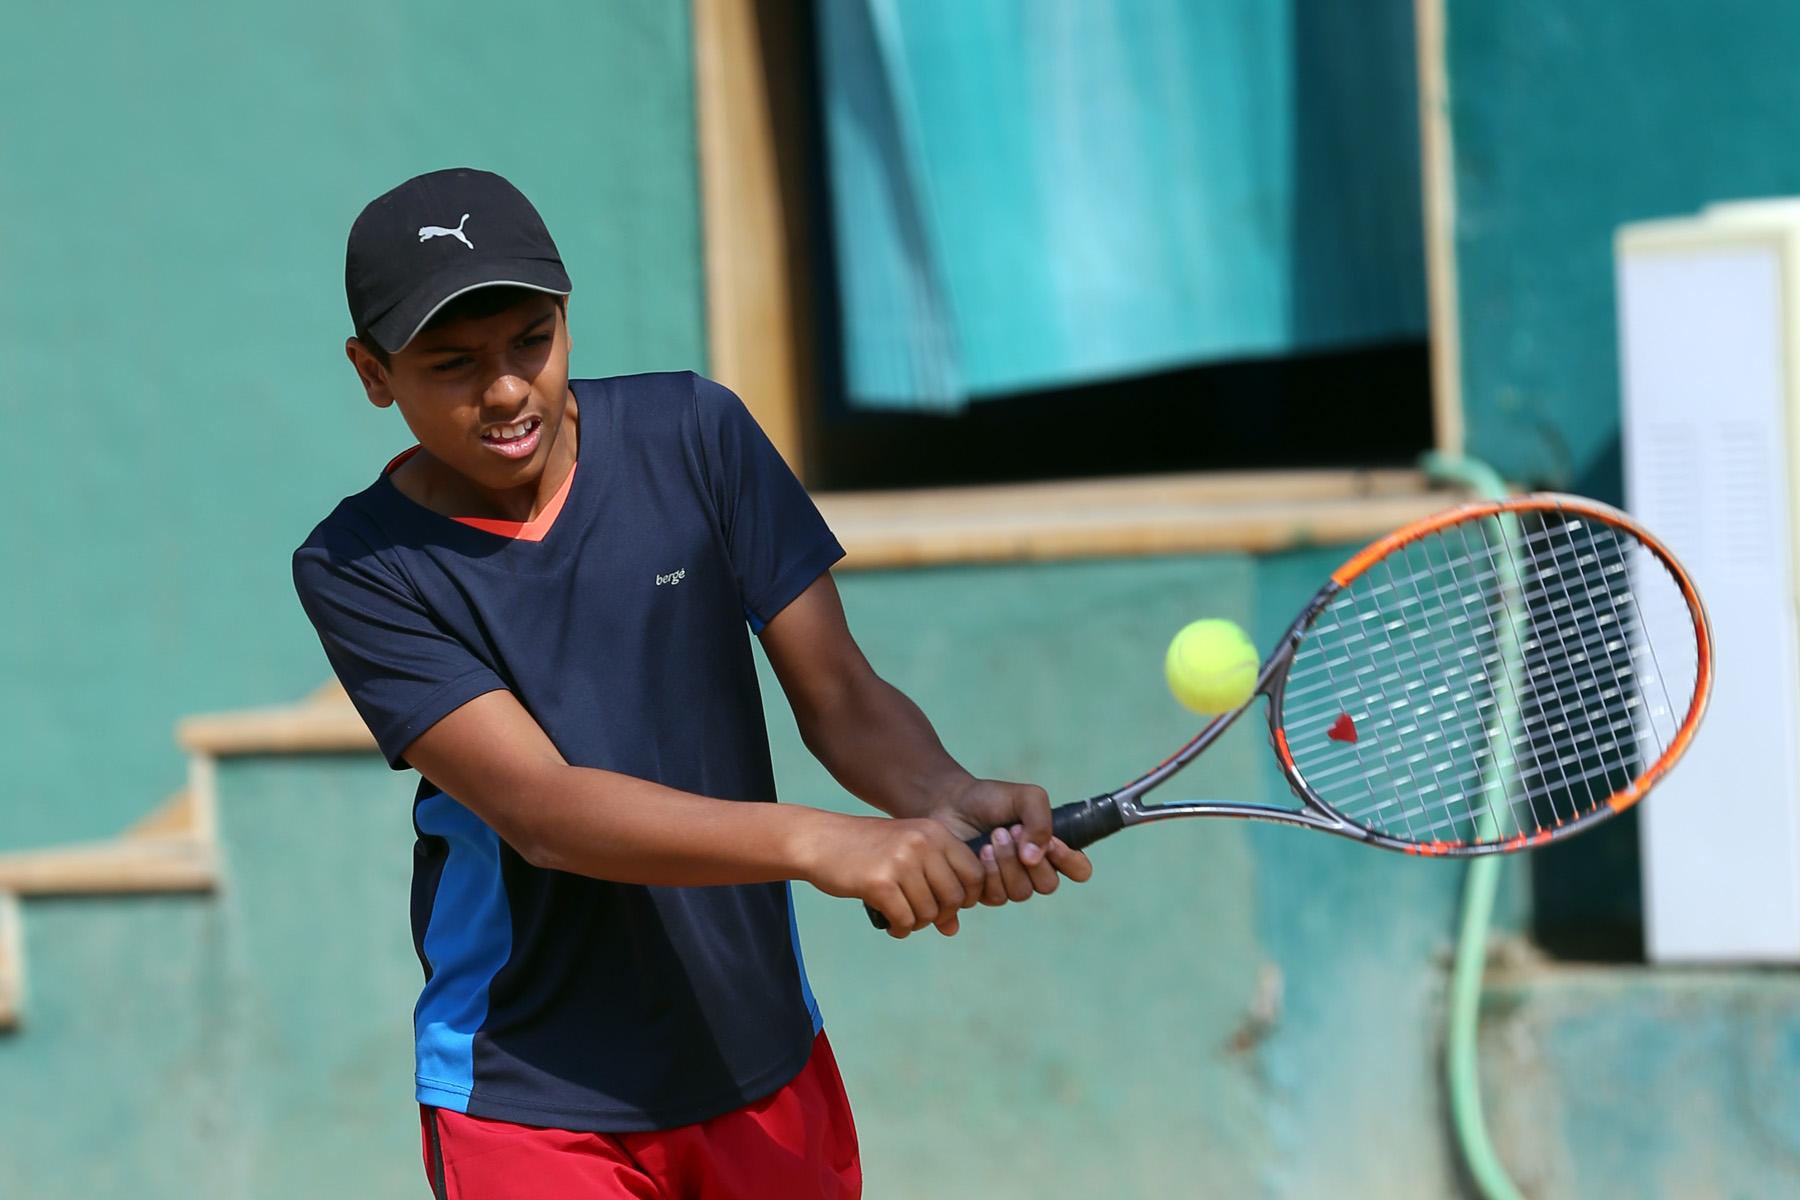 14 वर्षाखालील राष्ट्रीय टेनिस स्पर्धेत अर्णव कोकणे,  अर्णव पापरकर,  सिध्दार्थ मराठे,   श्रावणी खवले,  श्रिवल्ली मेदिशेट्टी यांचा मुख्य फेरीत प्रवेश